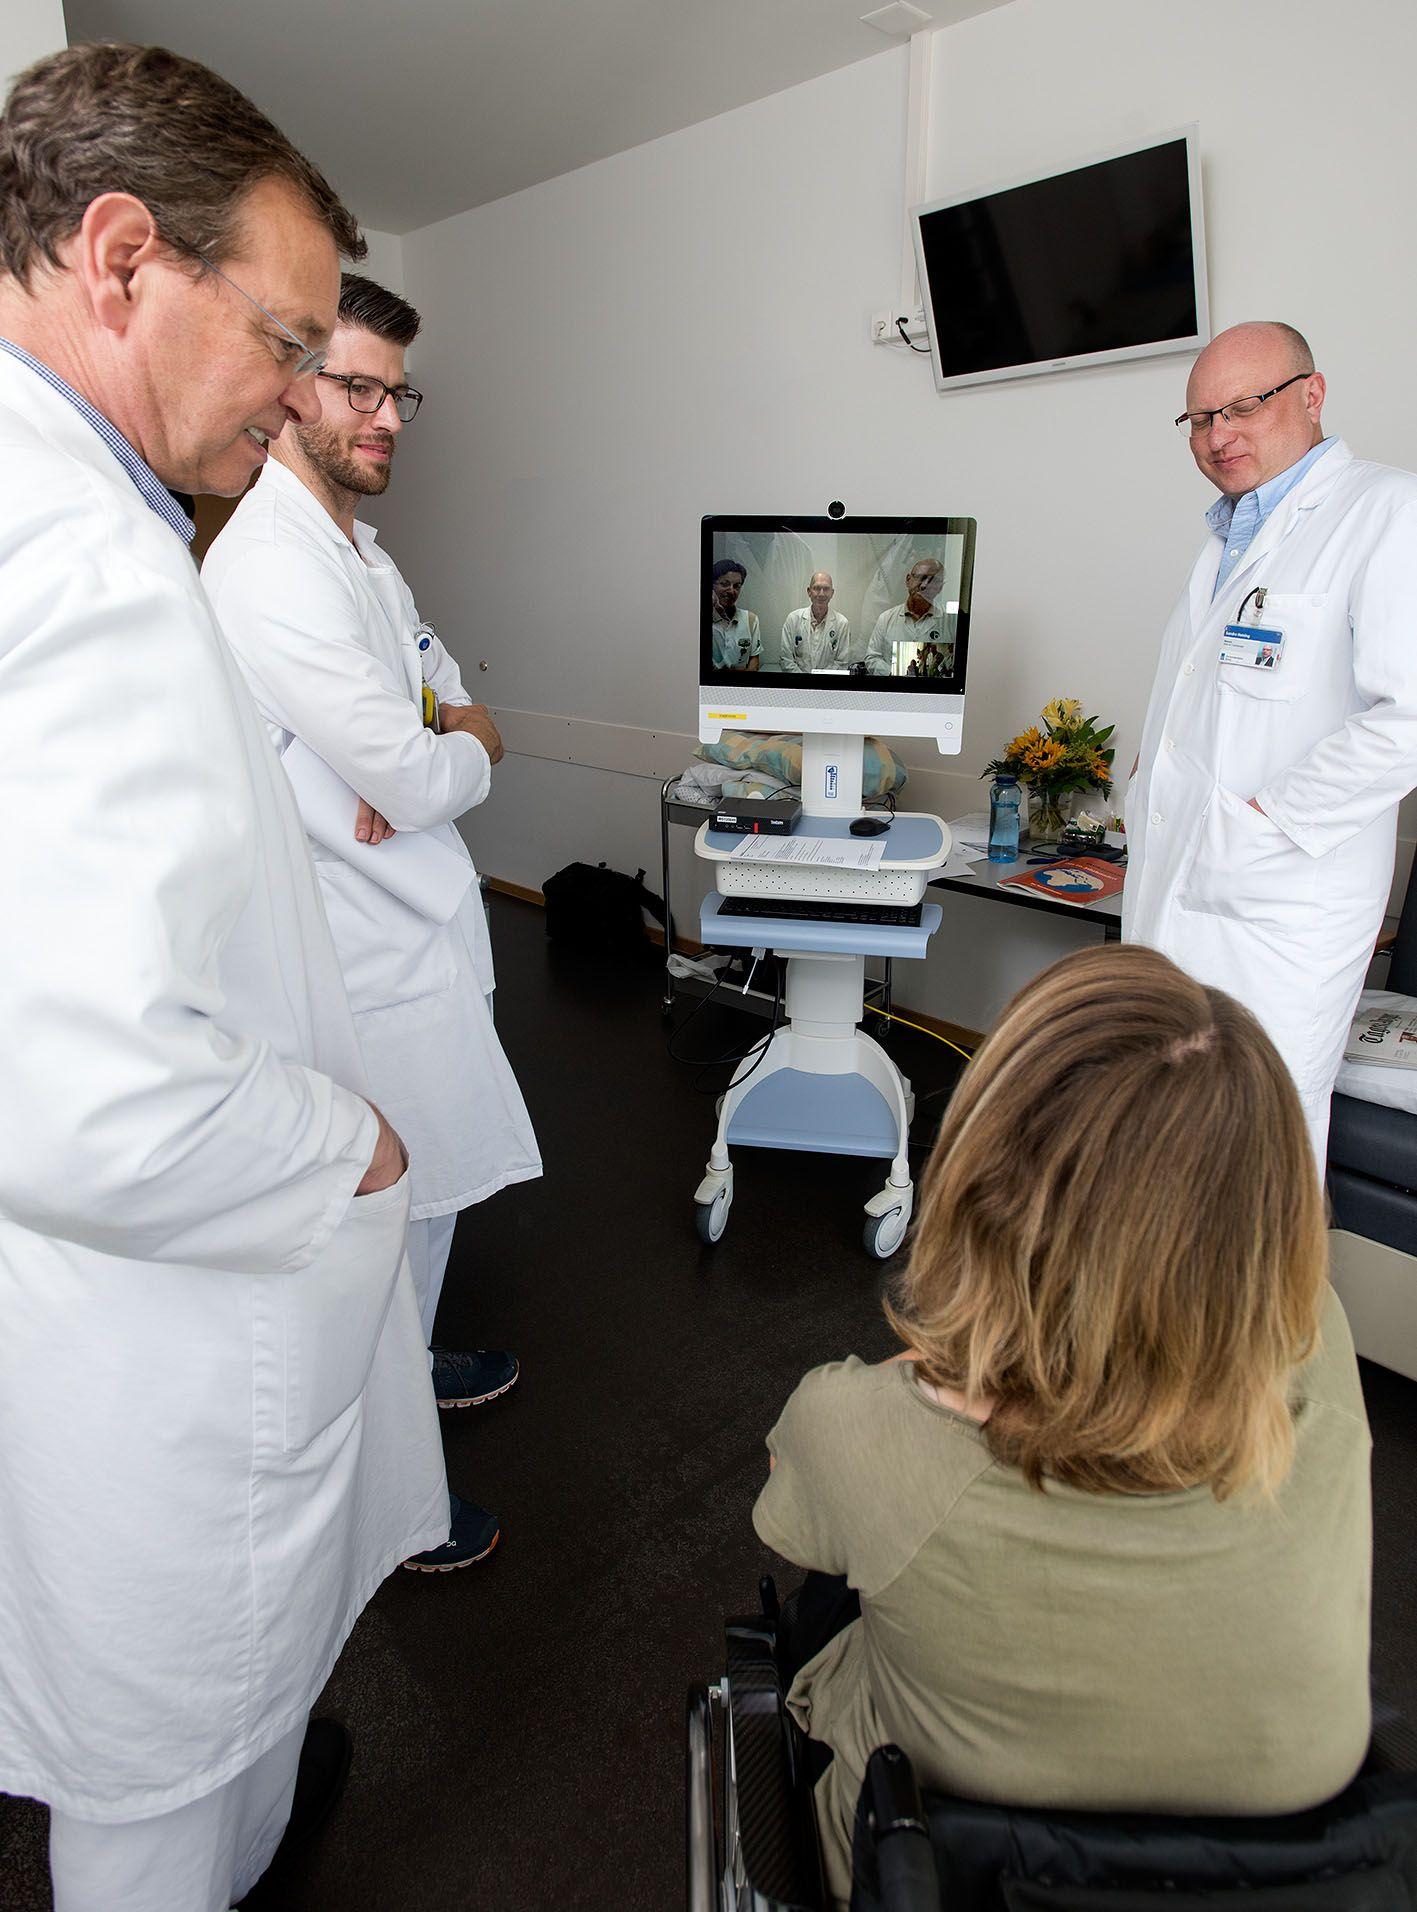 Ärzte während TeleReha visite